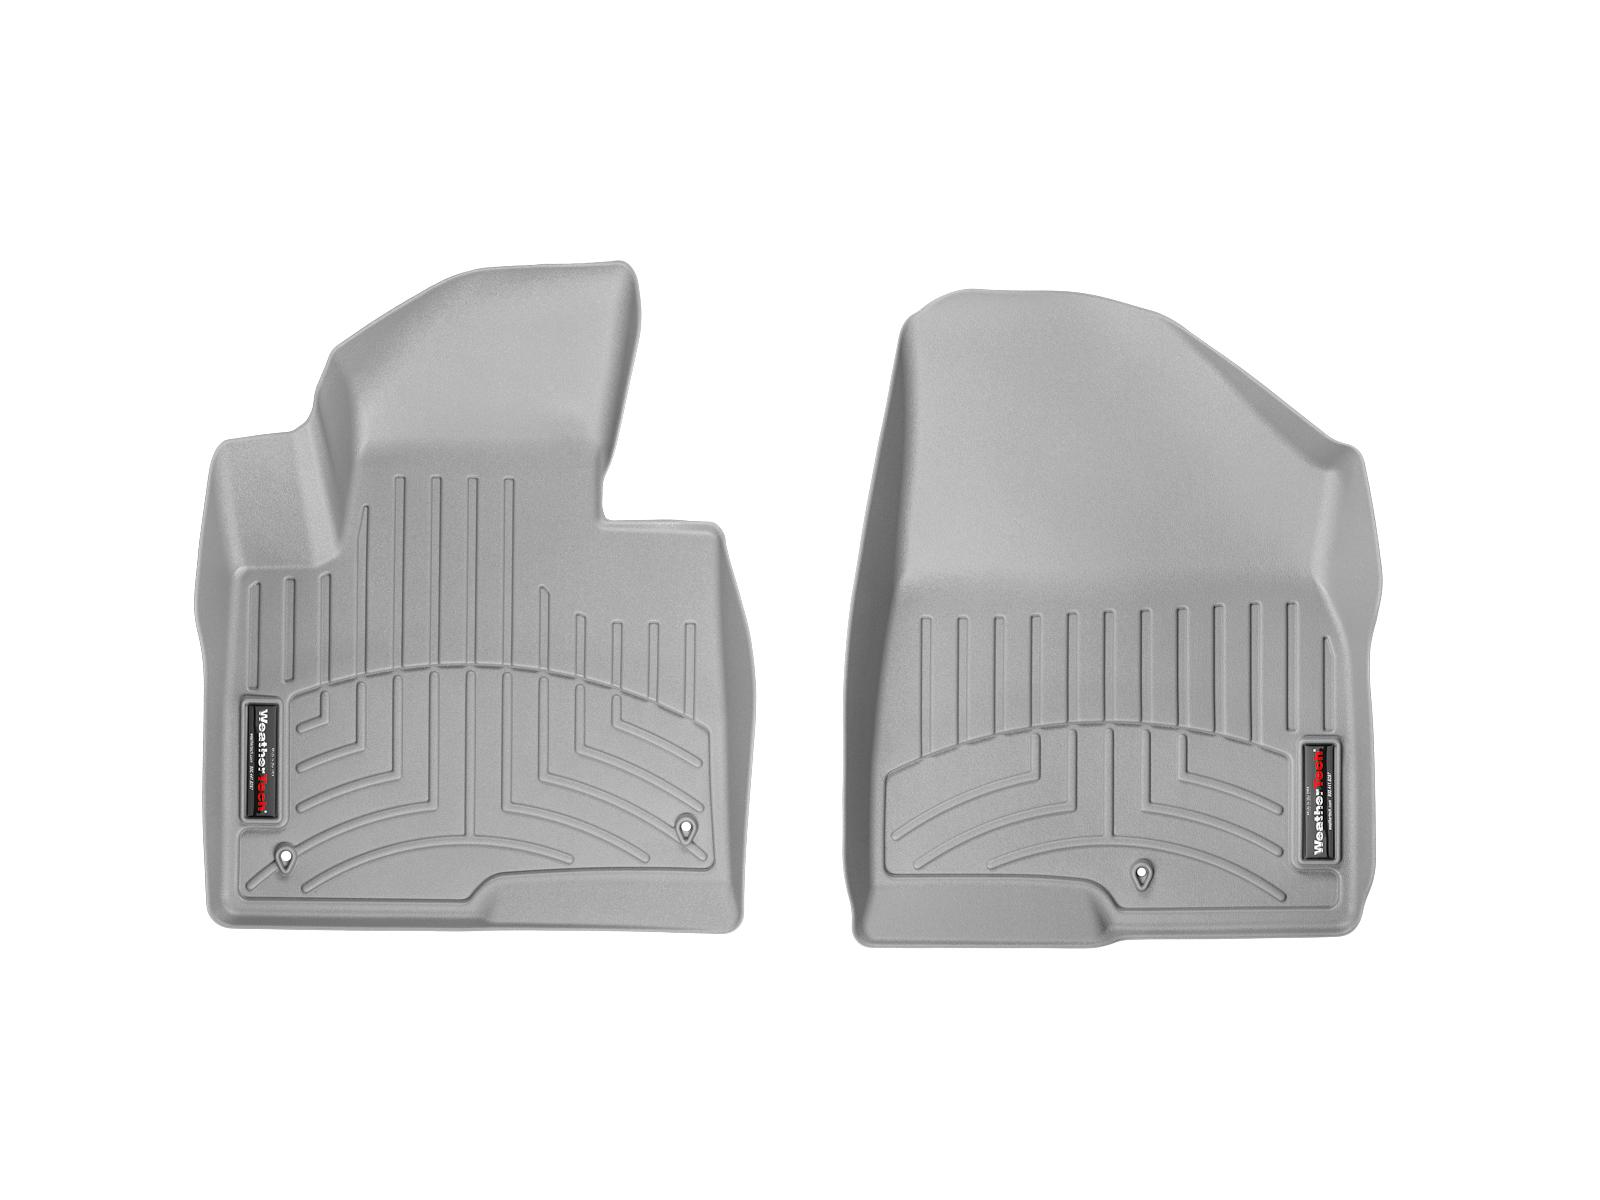 Tappeti gomma su misura bordo alto Hyundai Santa Fe 13>17 Grigio A1490